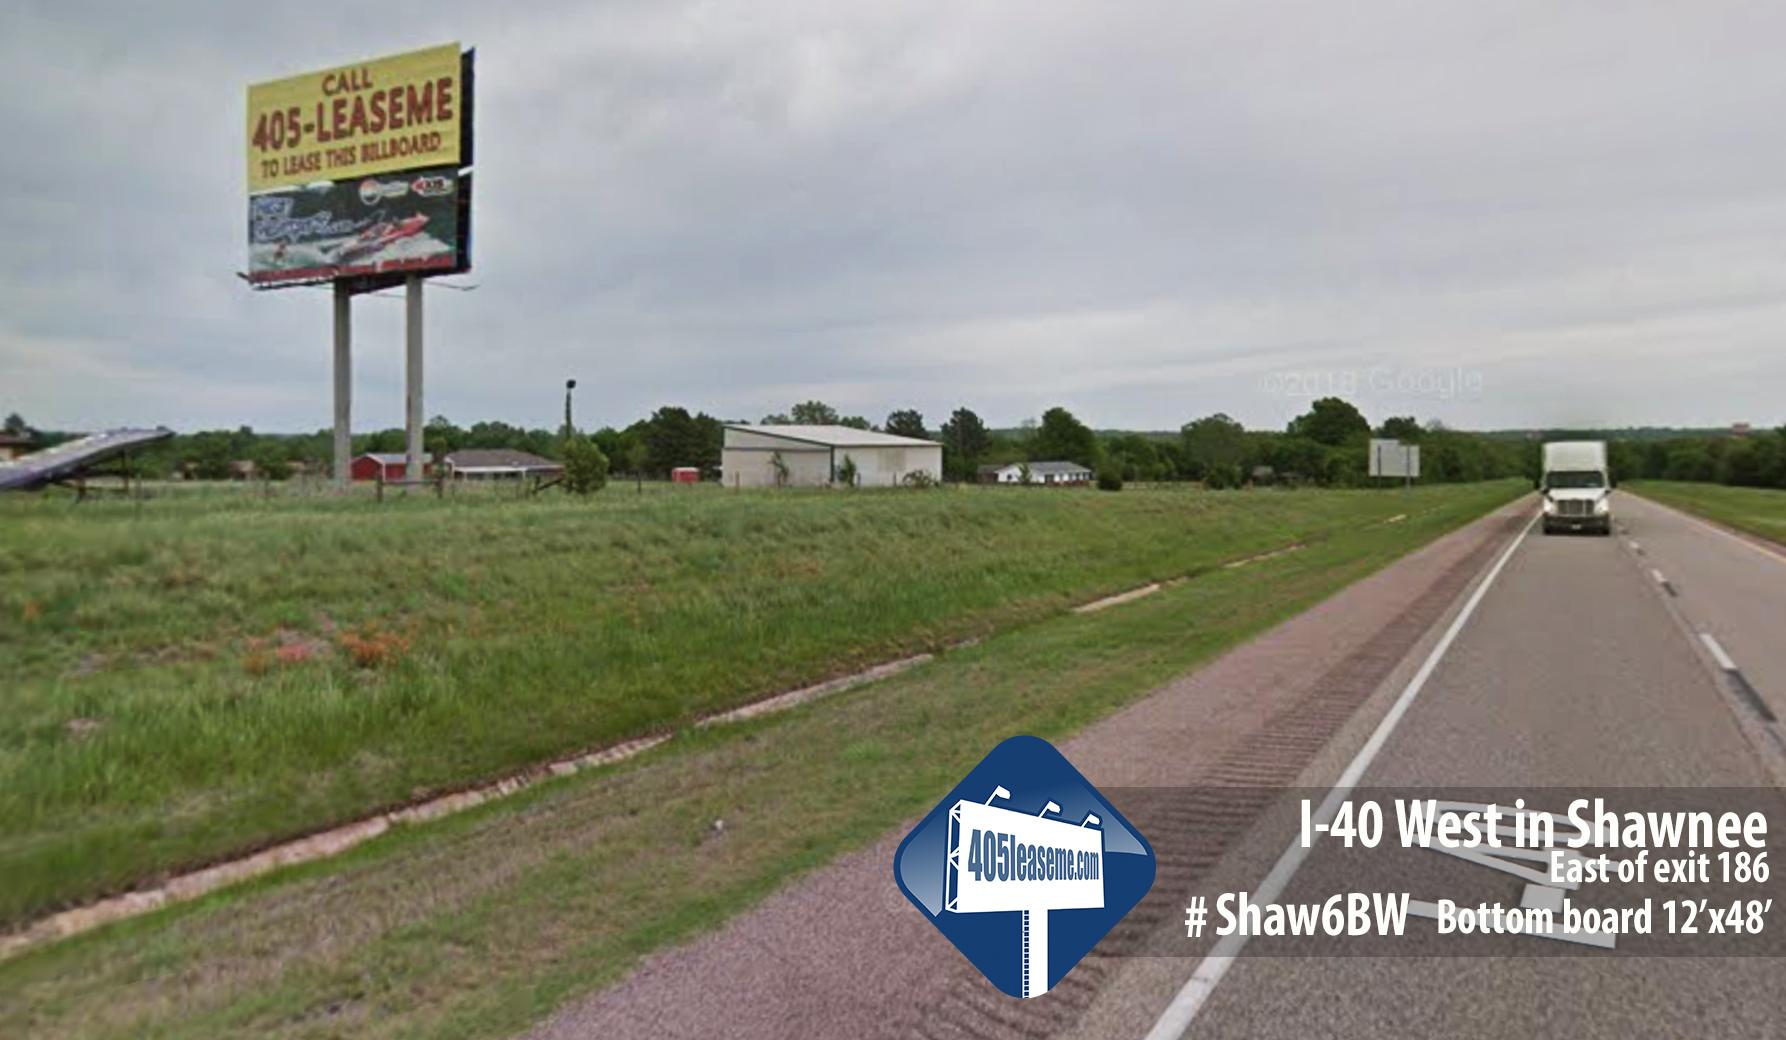 8 Shawnee - Shaw6BW